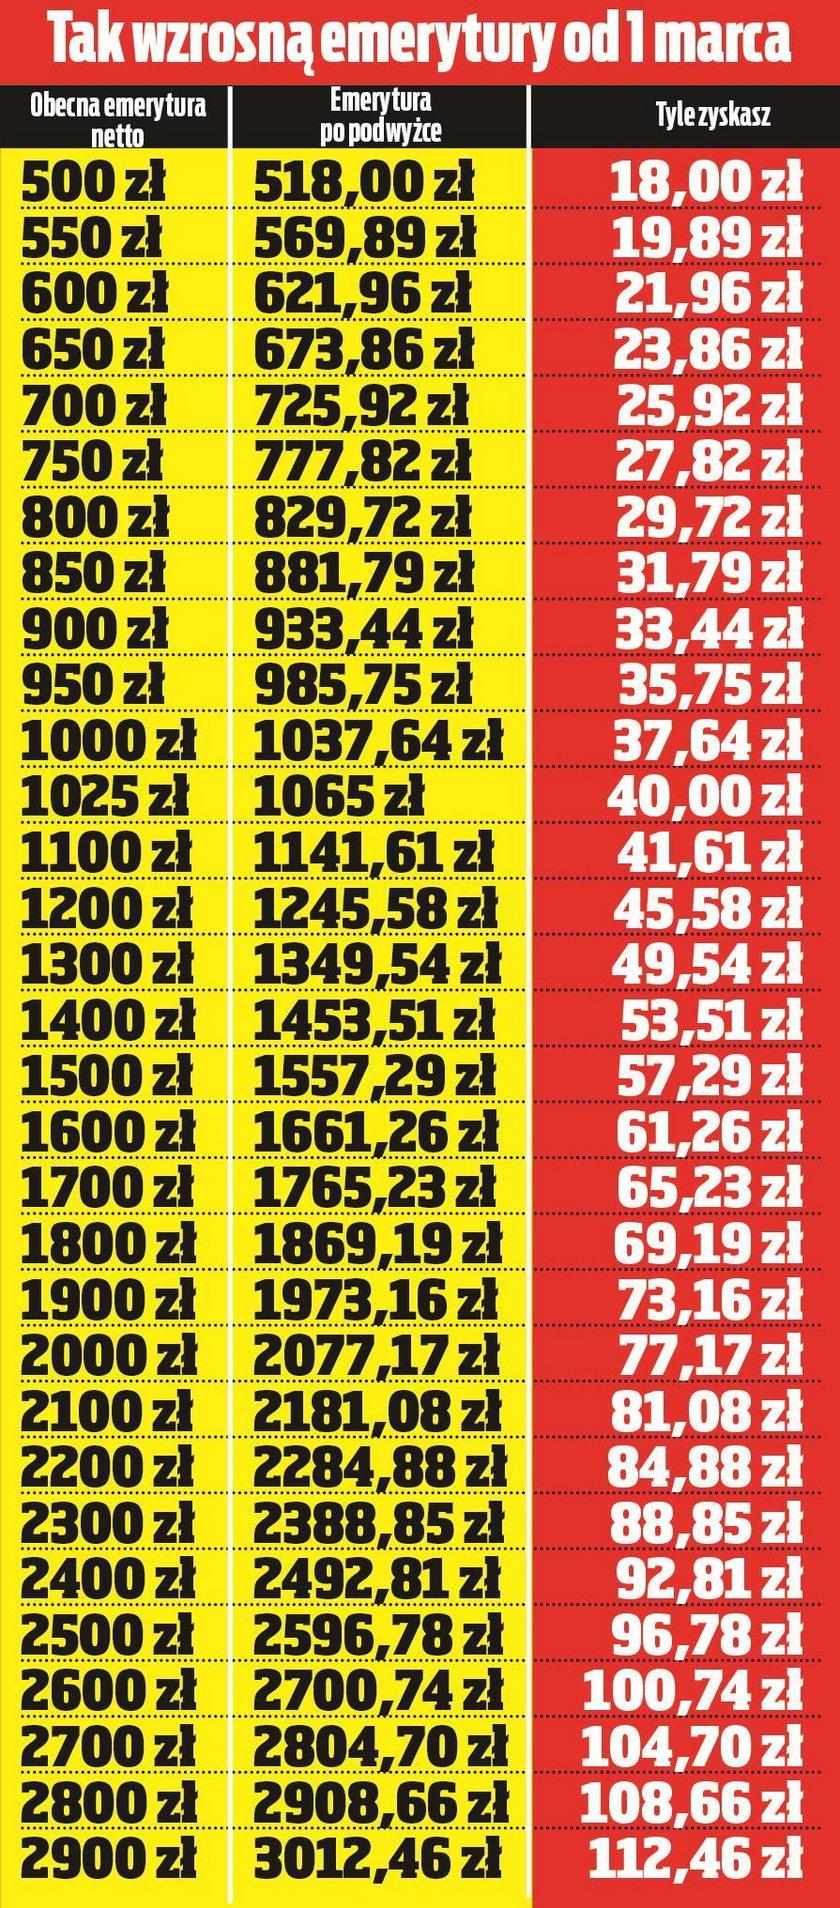 Niski wzrost niewielkich emerytur